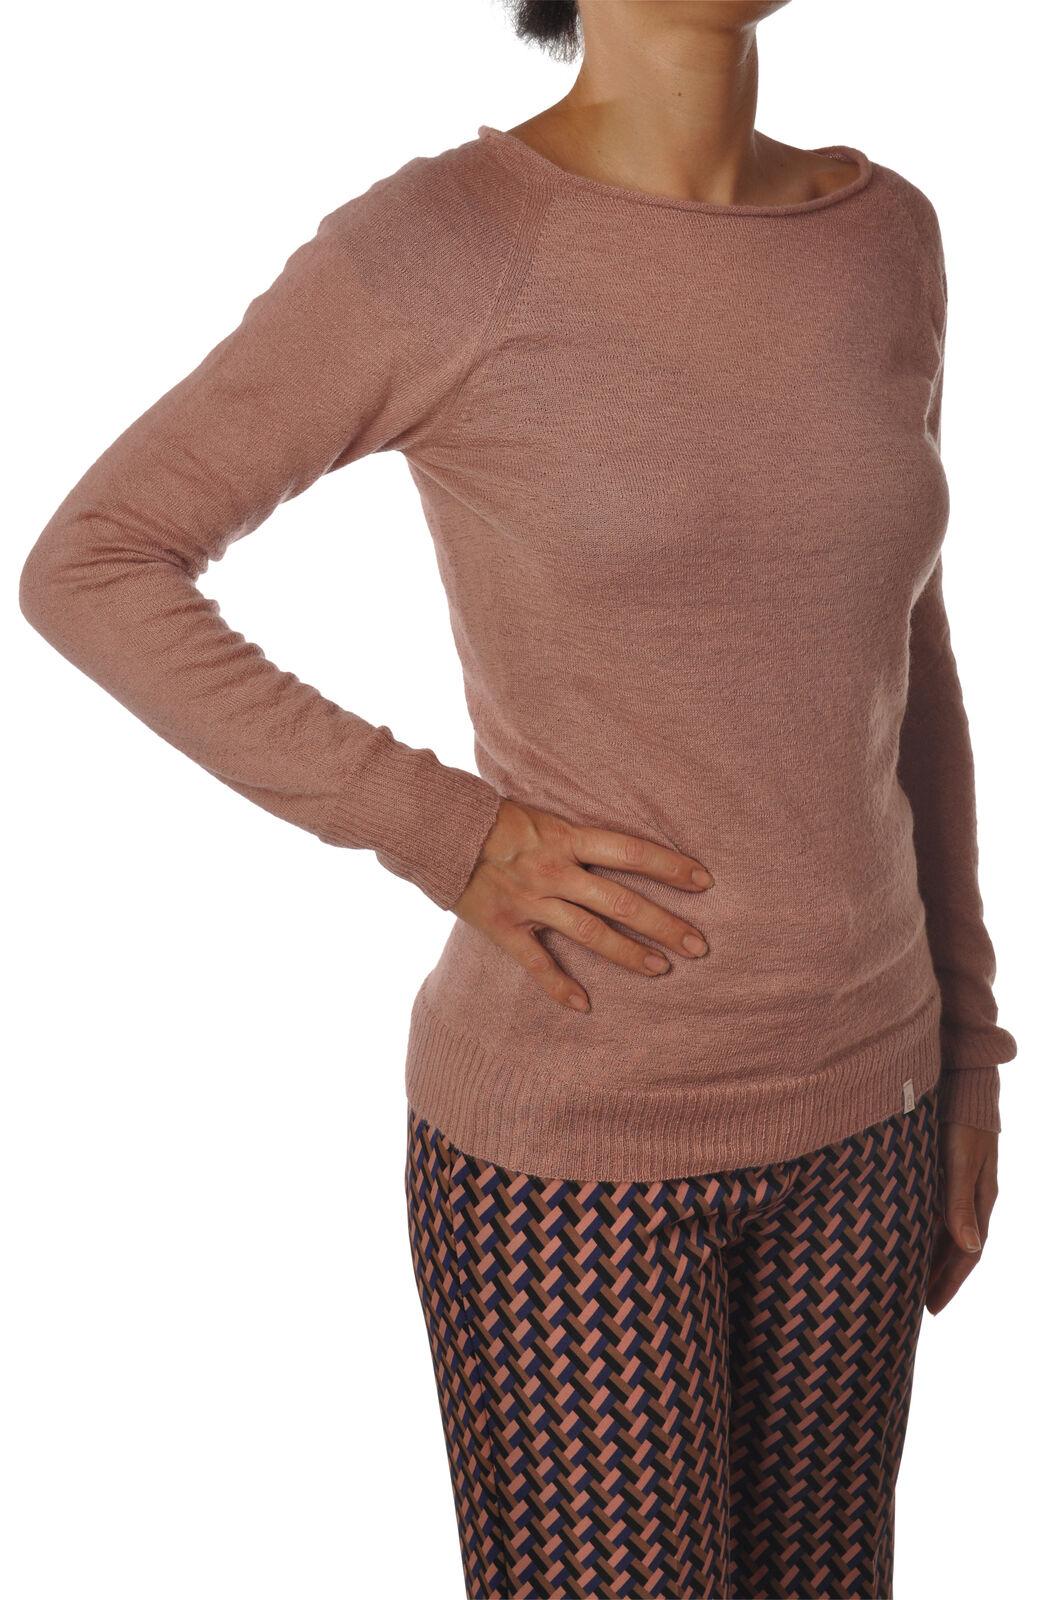 Ottod'ame - Knitwear-Sweaters - Woman - Pink - 5432624N180705